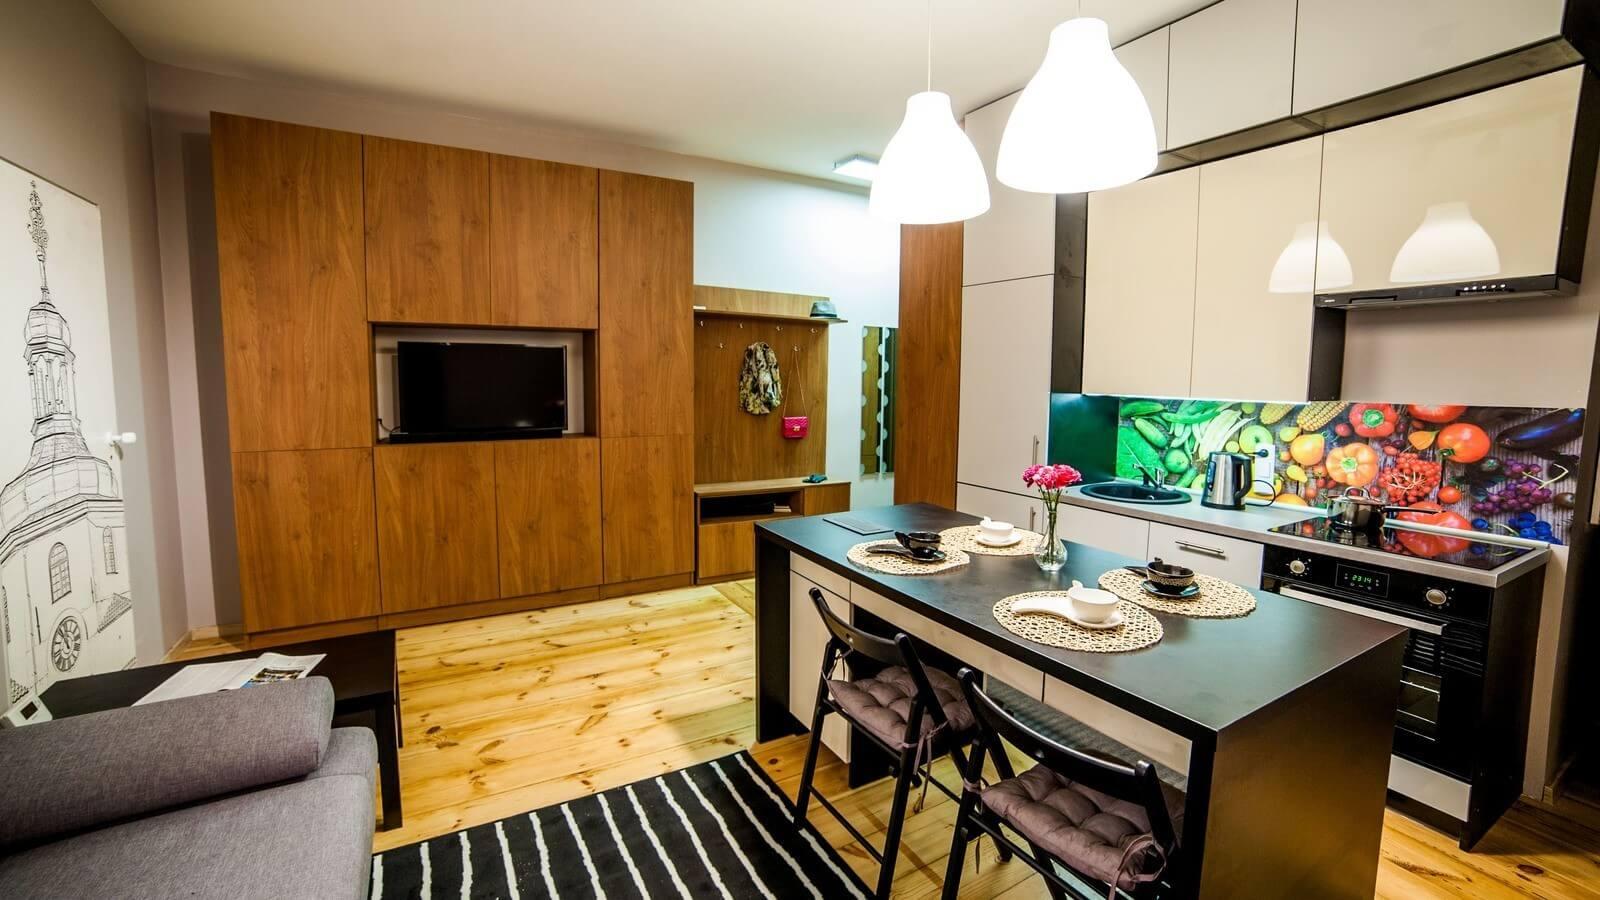 1-комнатная квартира 40 м2, Люблин